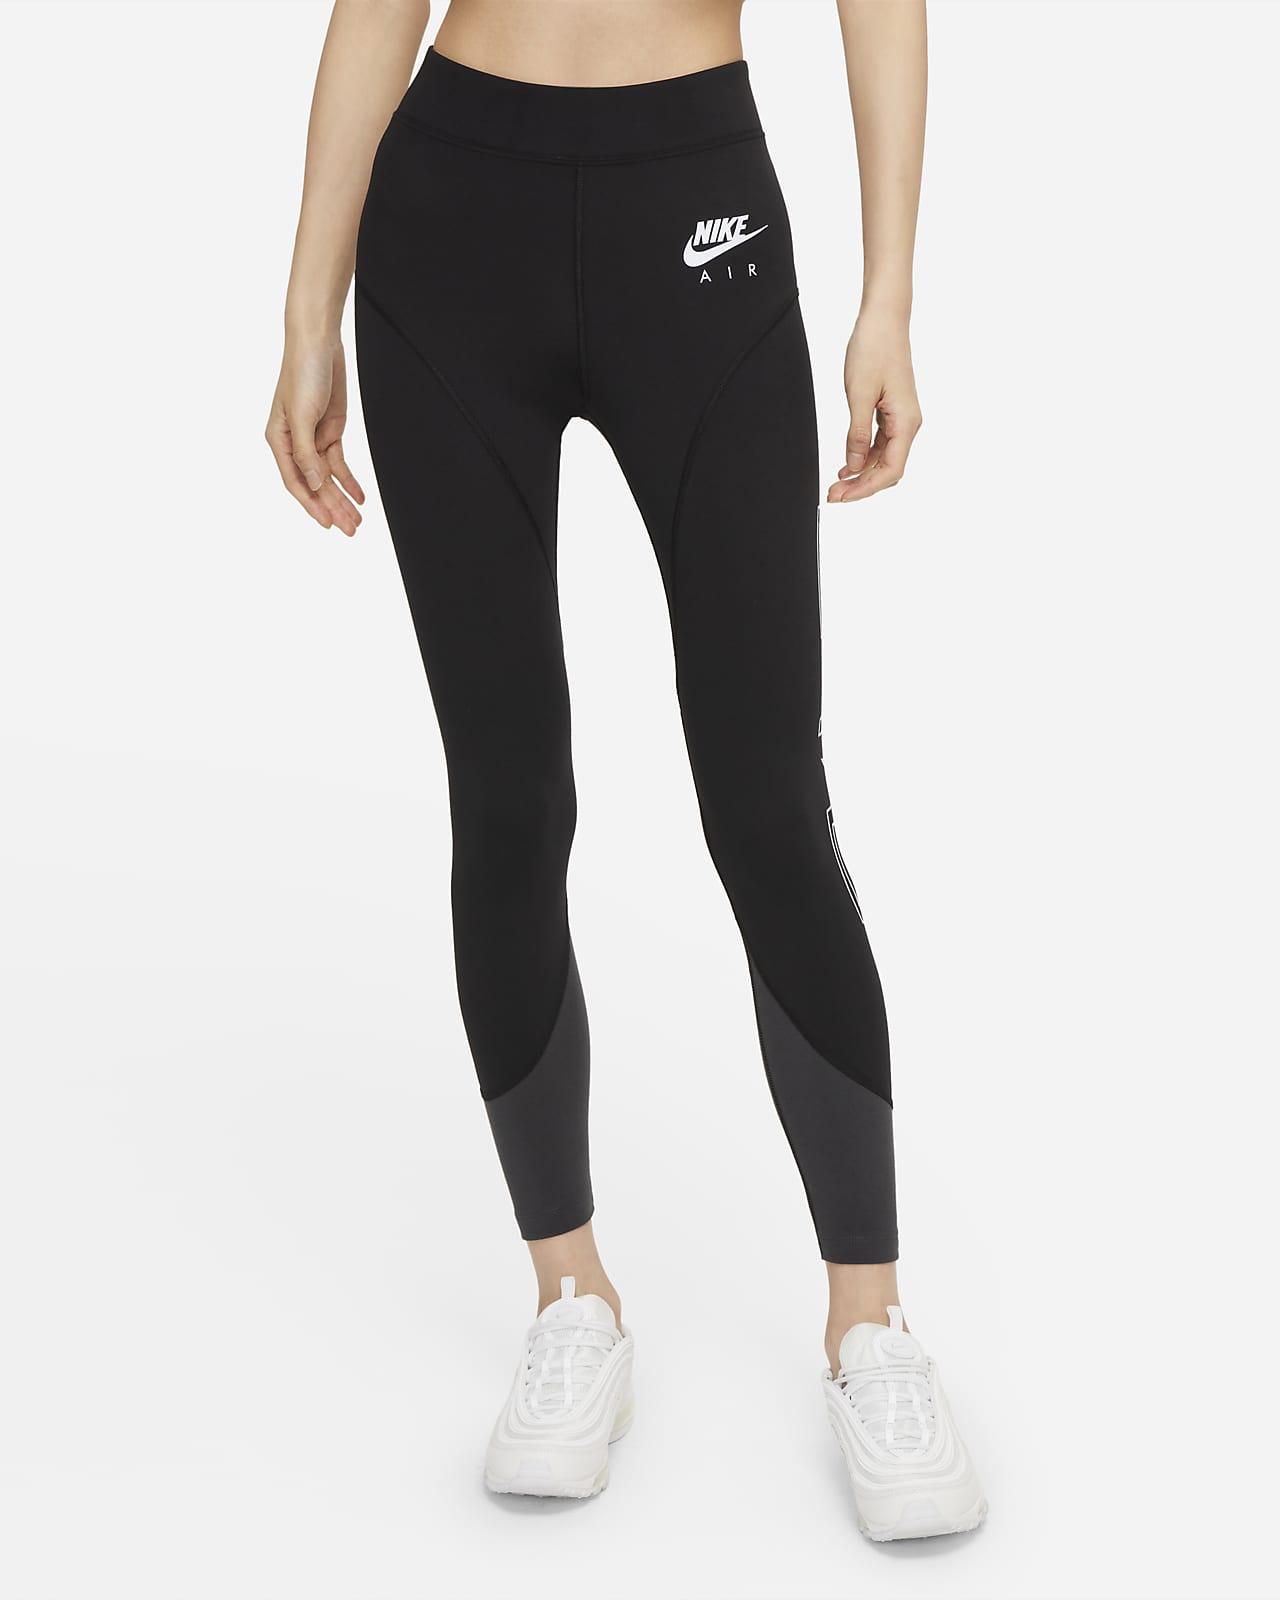 เลกกิ้งเอวสูงผู้หญิง Nike Air